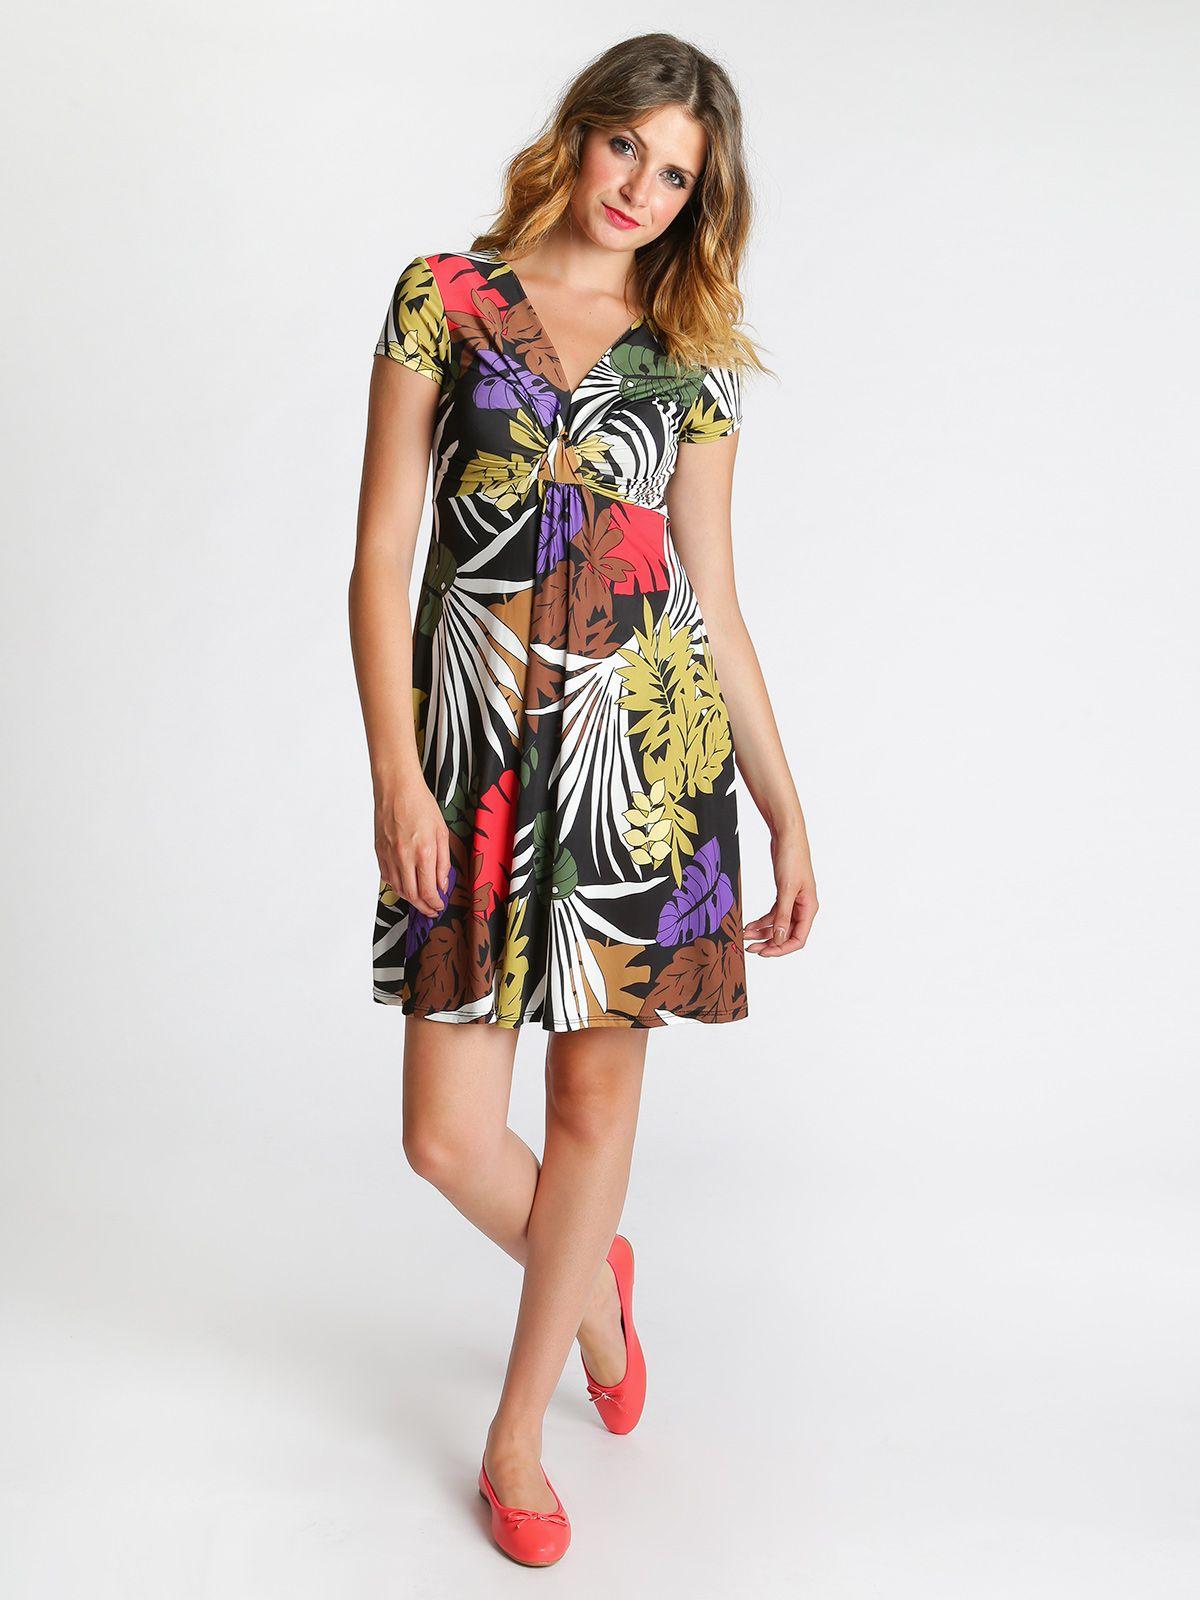 a9575df7a15d Vestito corto a maniche corte in fantasia colorata